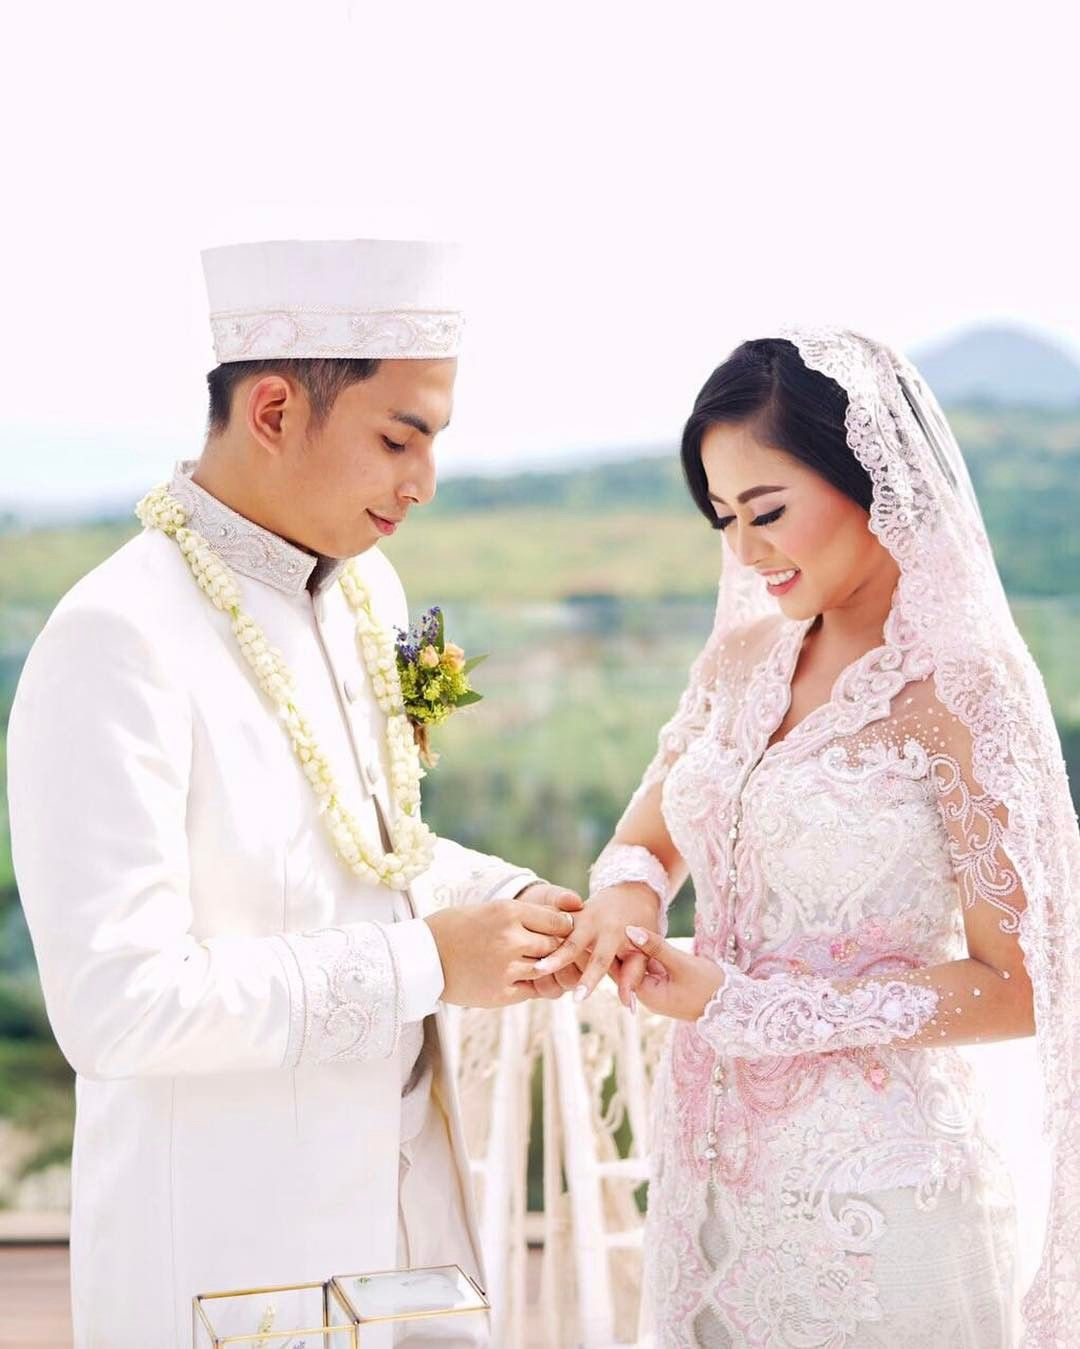 """""""Apabila seorang hamba telah menikah, berarti dia telah menyempurnakan separo agamanya, maka hendaklah dia bertaqwa kepada Allah pada separo sisanya""""."""